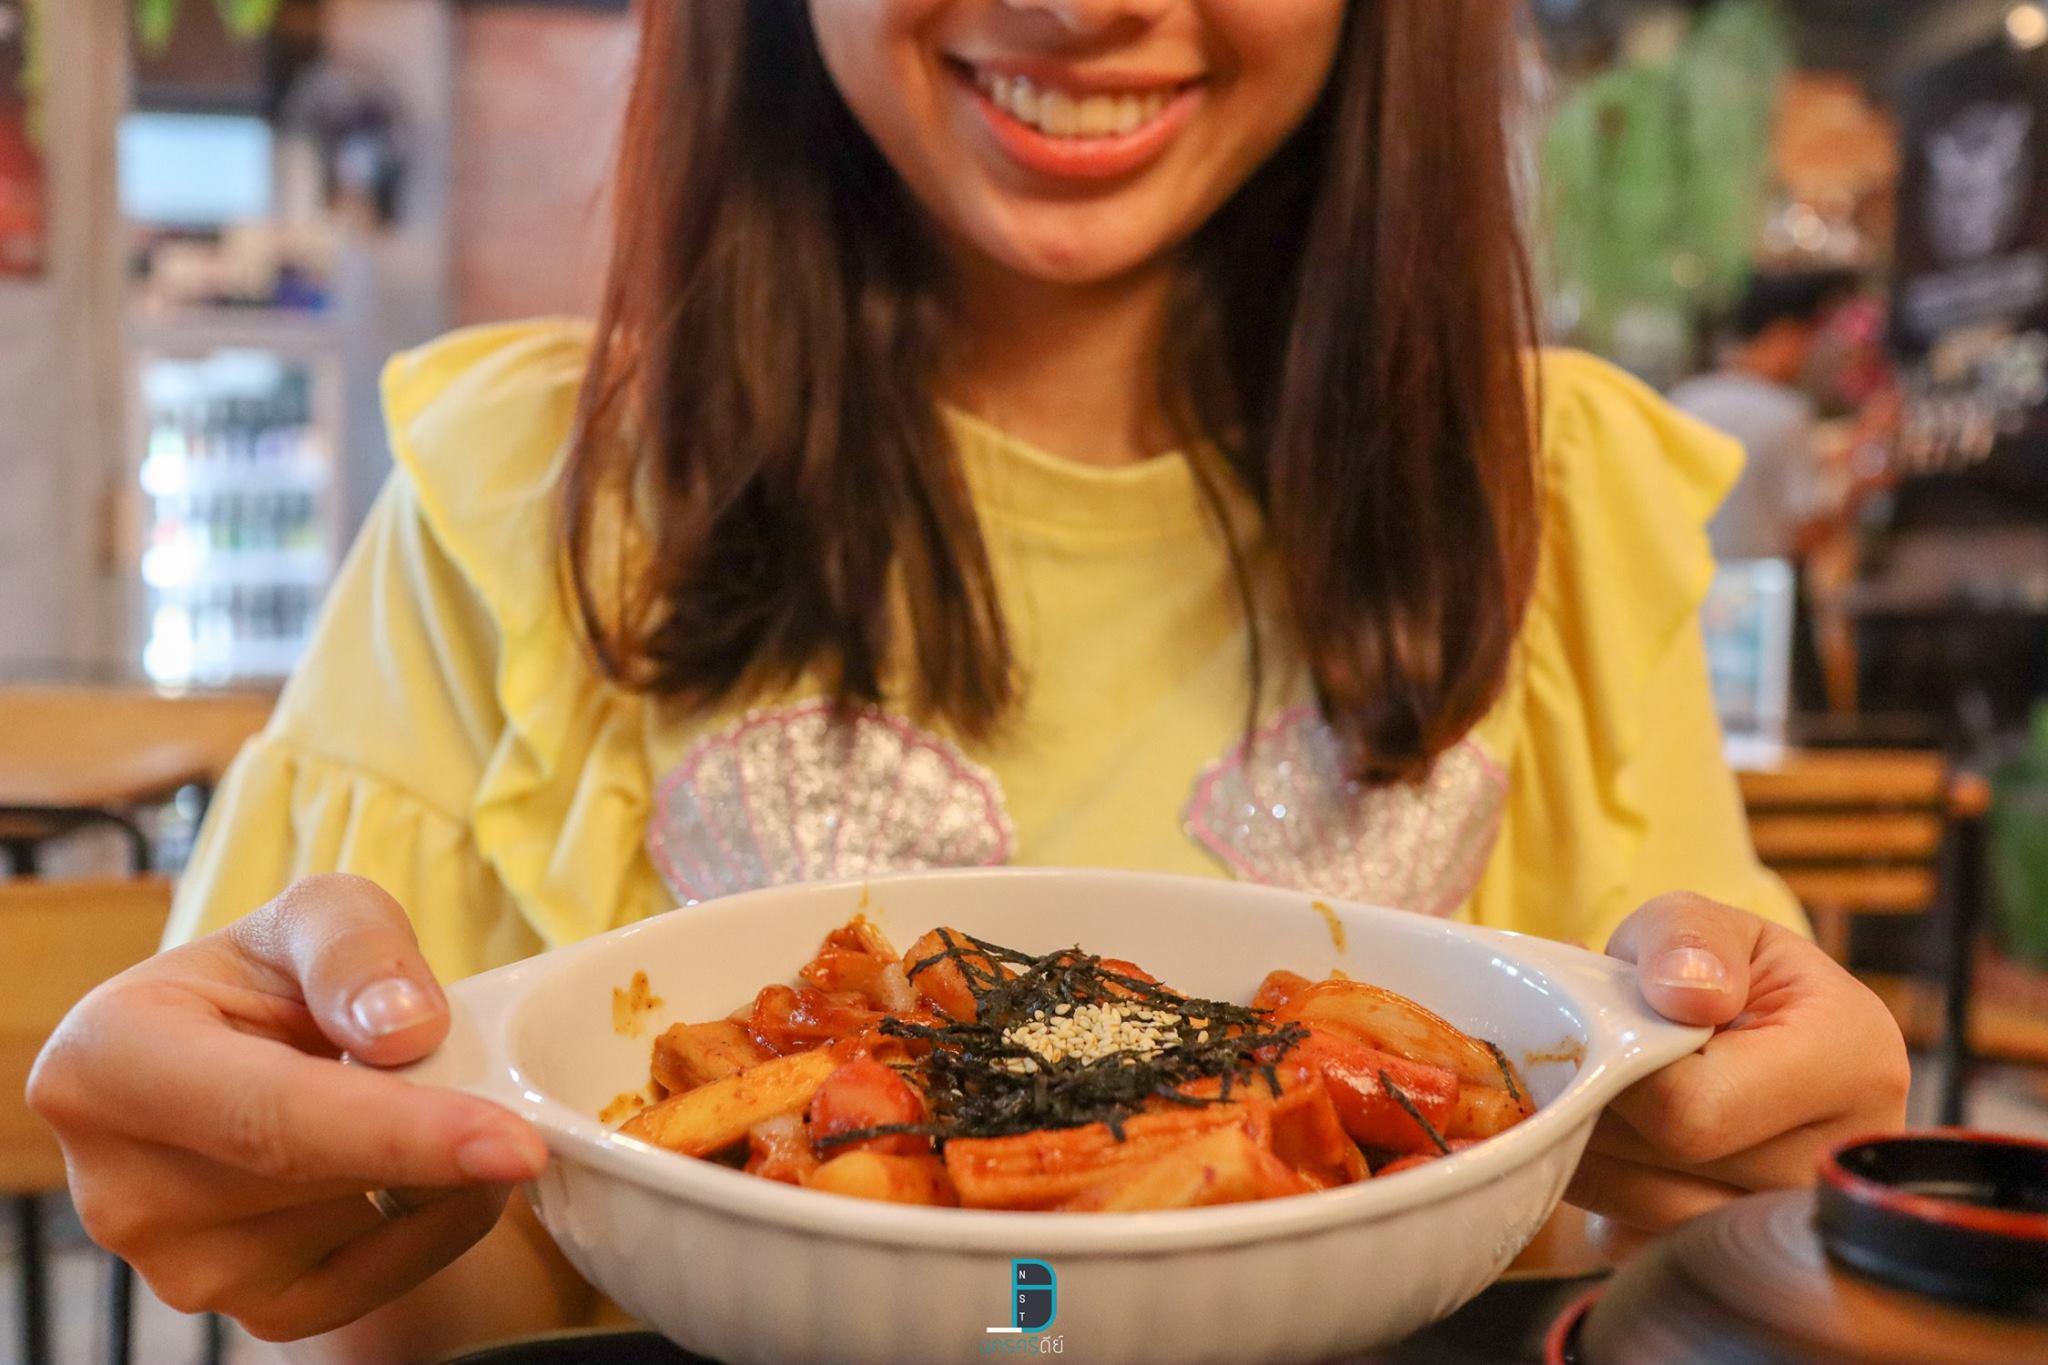 ร้านอาหารเกาหลี นครศรีธรรมราช Seoulhouse เมนูเด็ดพร้อมบิงซูอร่อยๆ นครศรีดีย์